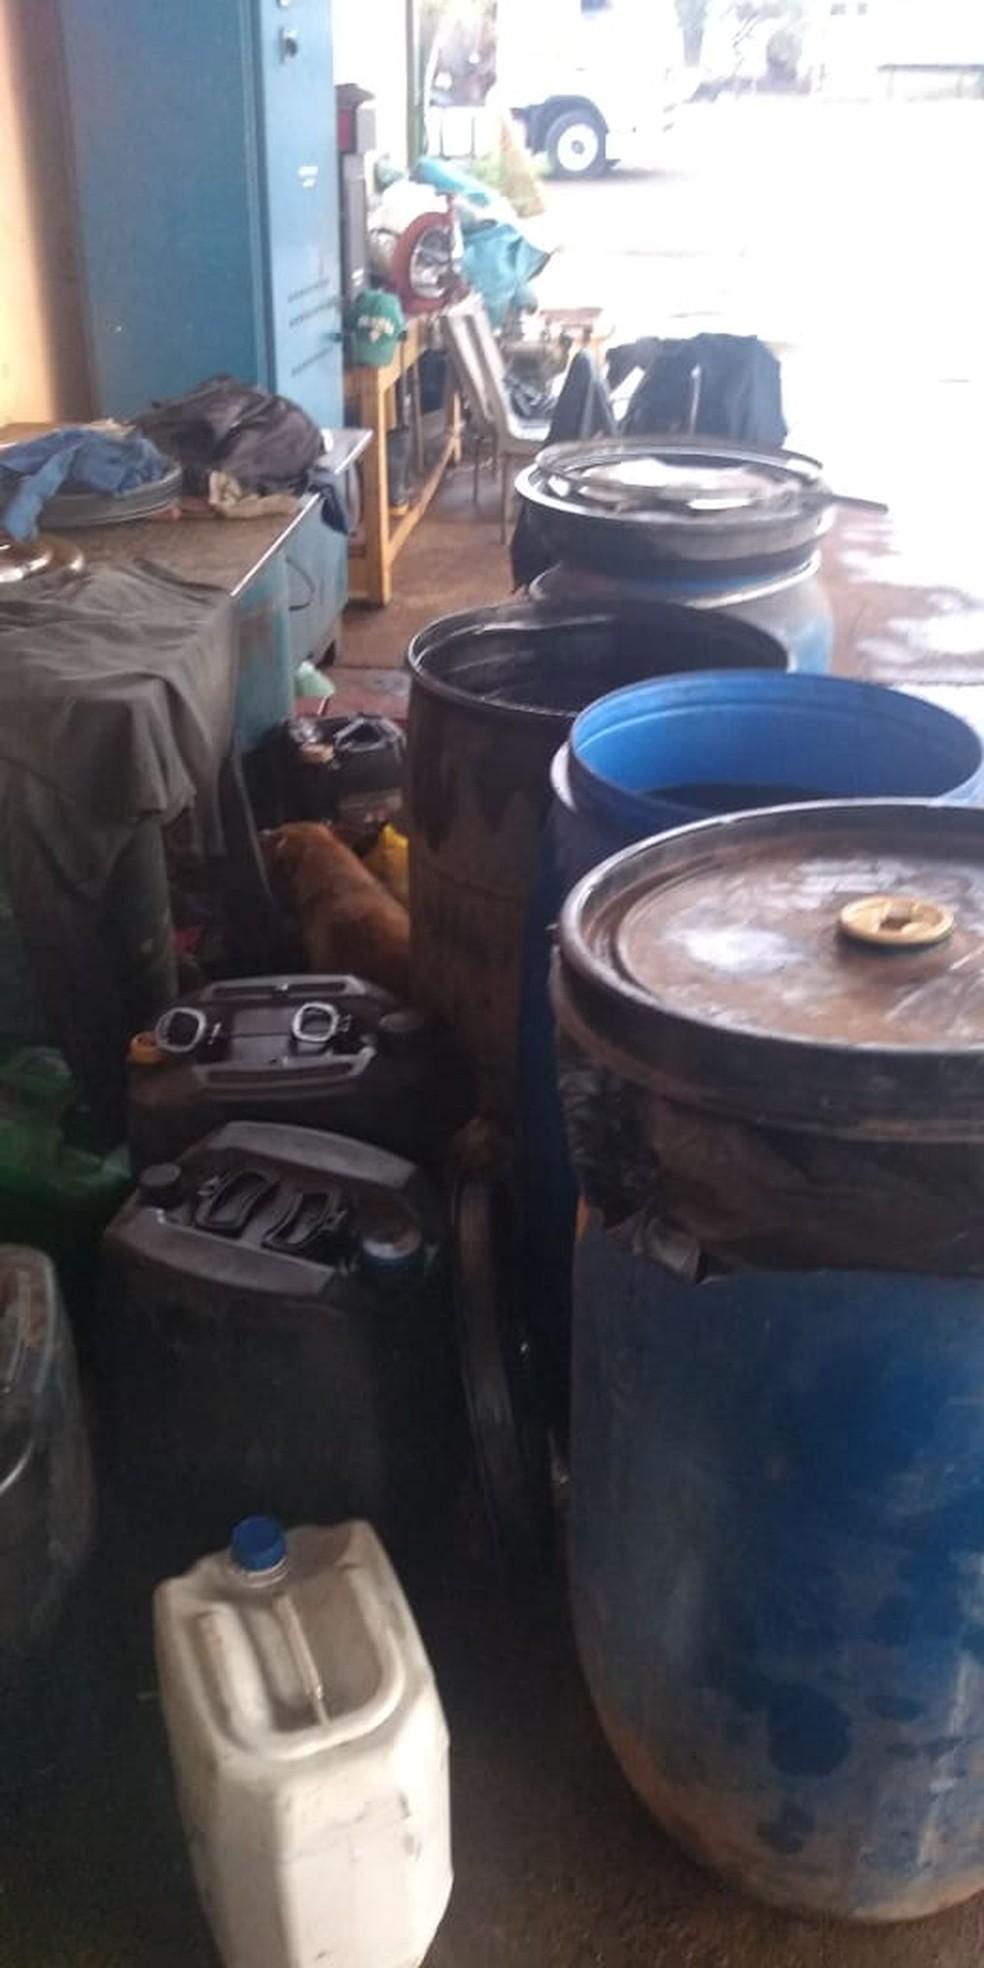 Dois foram presos depois da apreensão de mil litros de óleo diesel em Macatuba — Foto: Polícia Militar/Divulgação